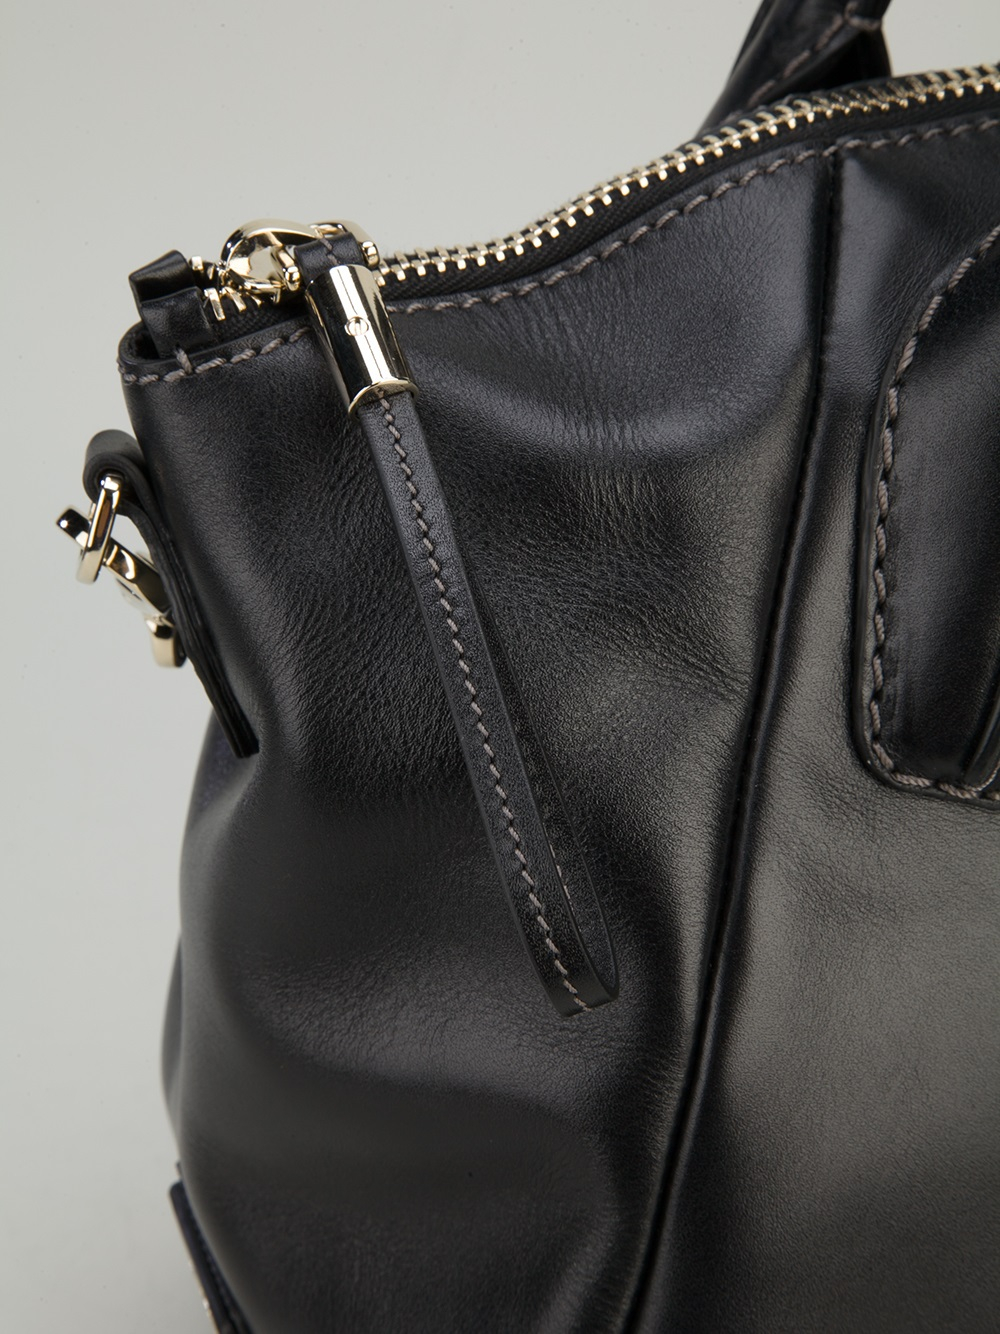 ab87288debbc2 Tod's Dd Medium Bowling Bag in Black - Lyst